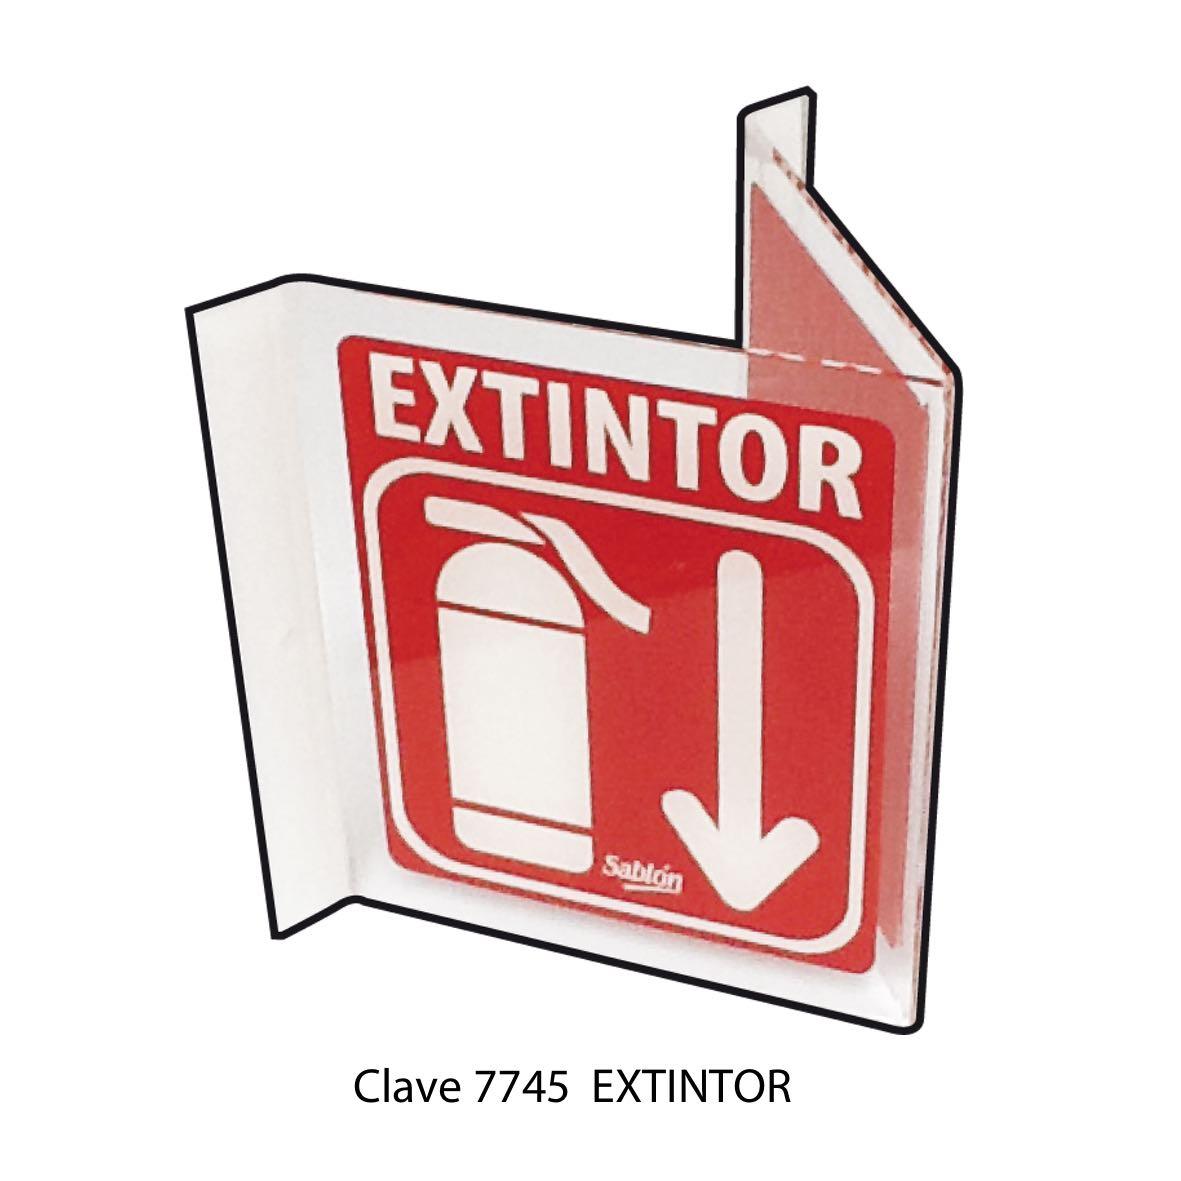 Señal Extintor Modelo 7745 - Sablón